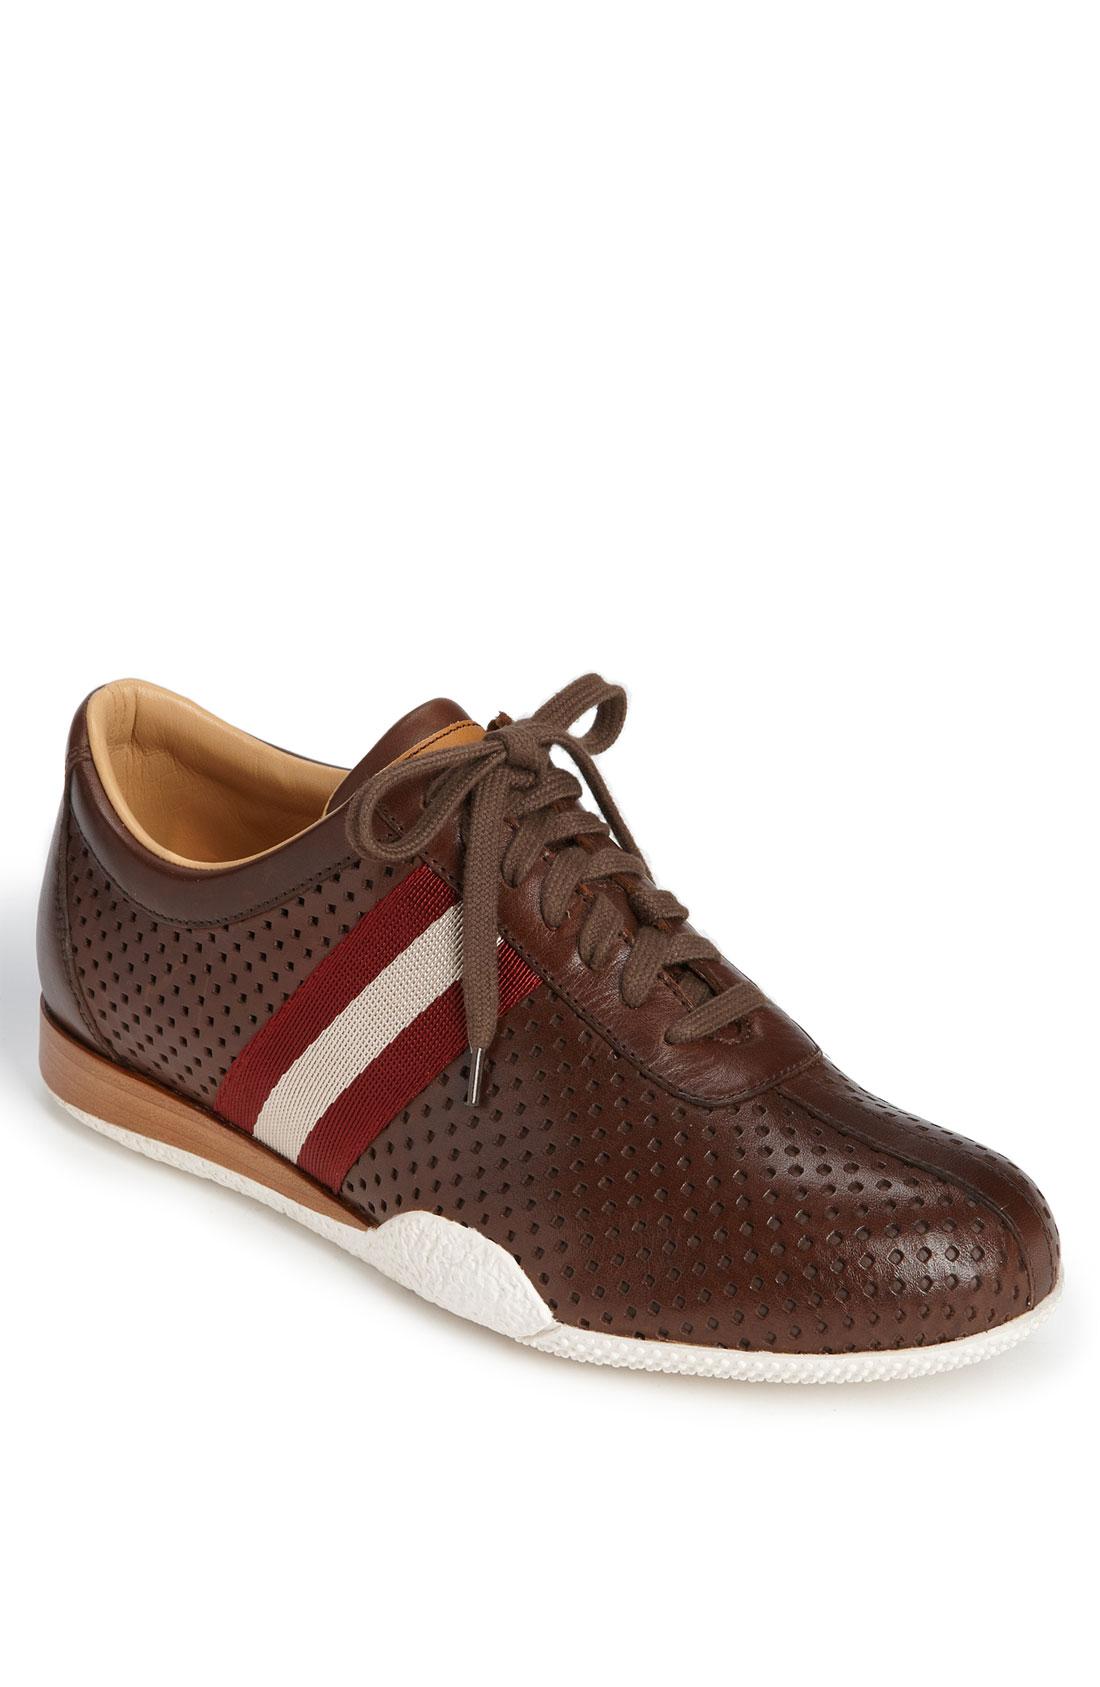 Bally Freenew Leather Sneaker In Brown For Men Havana